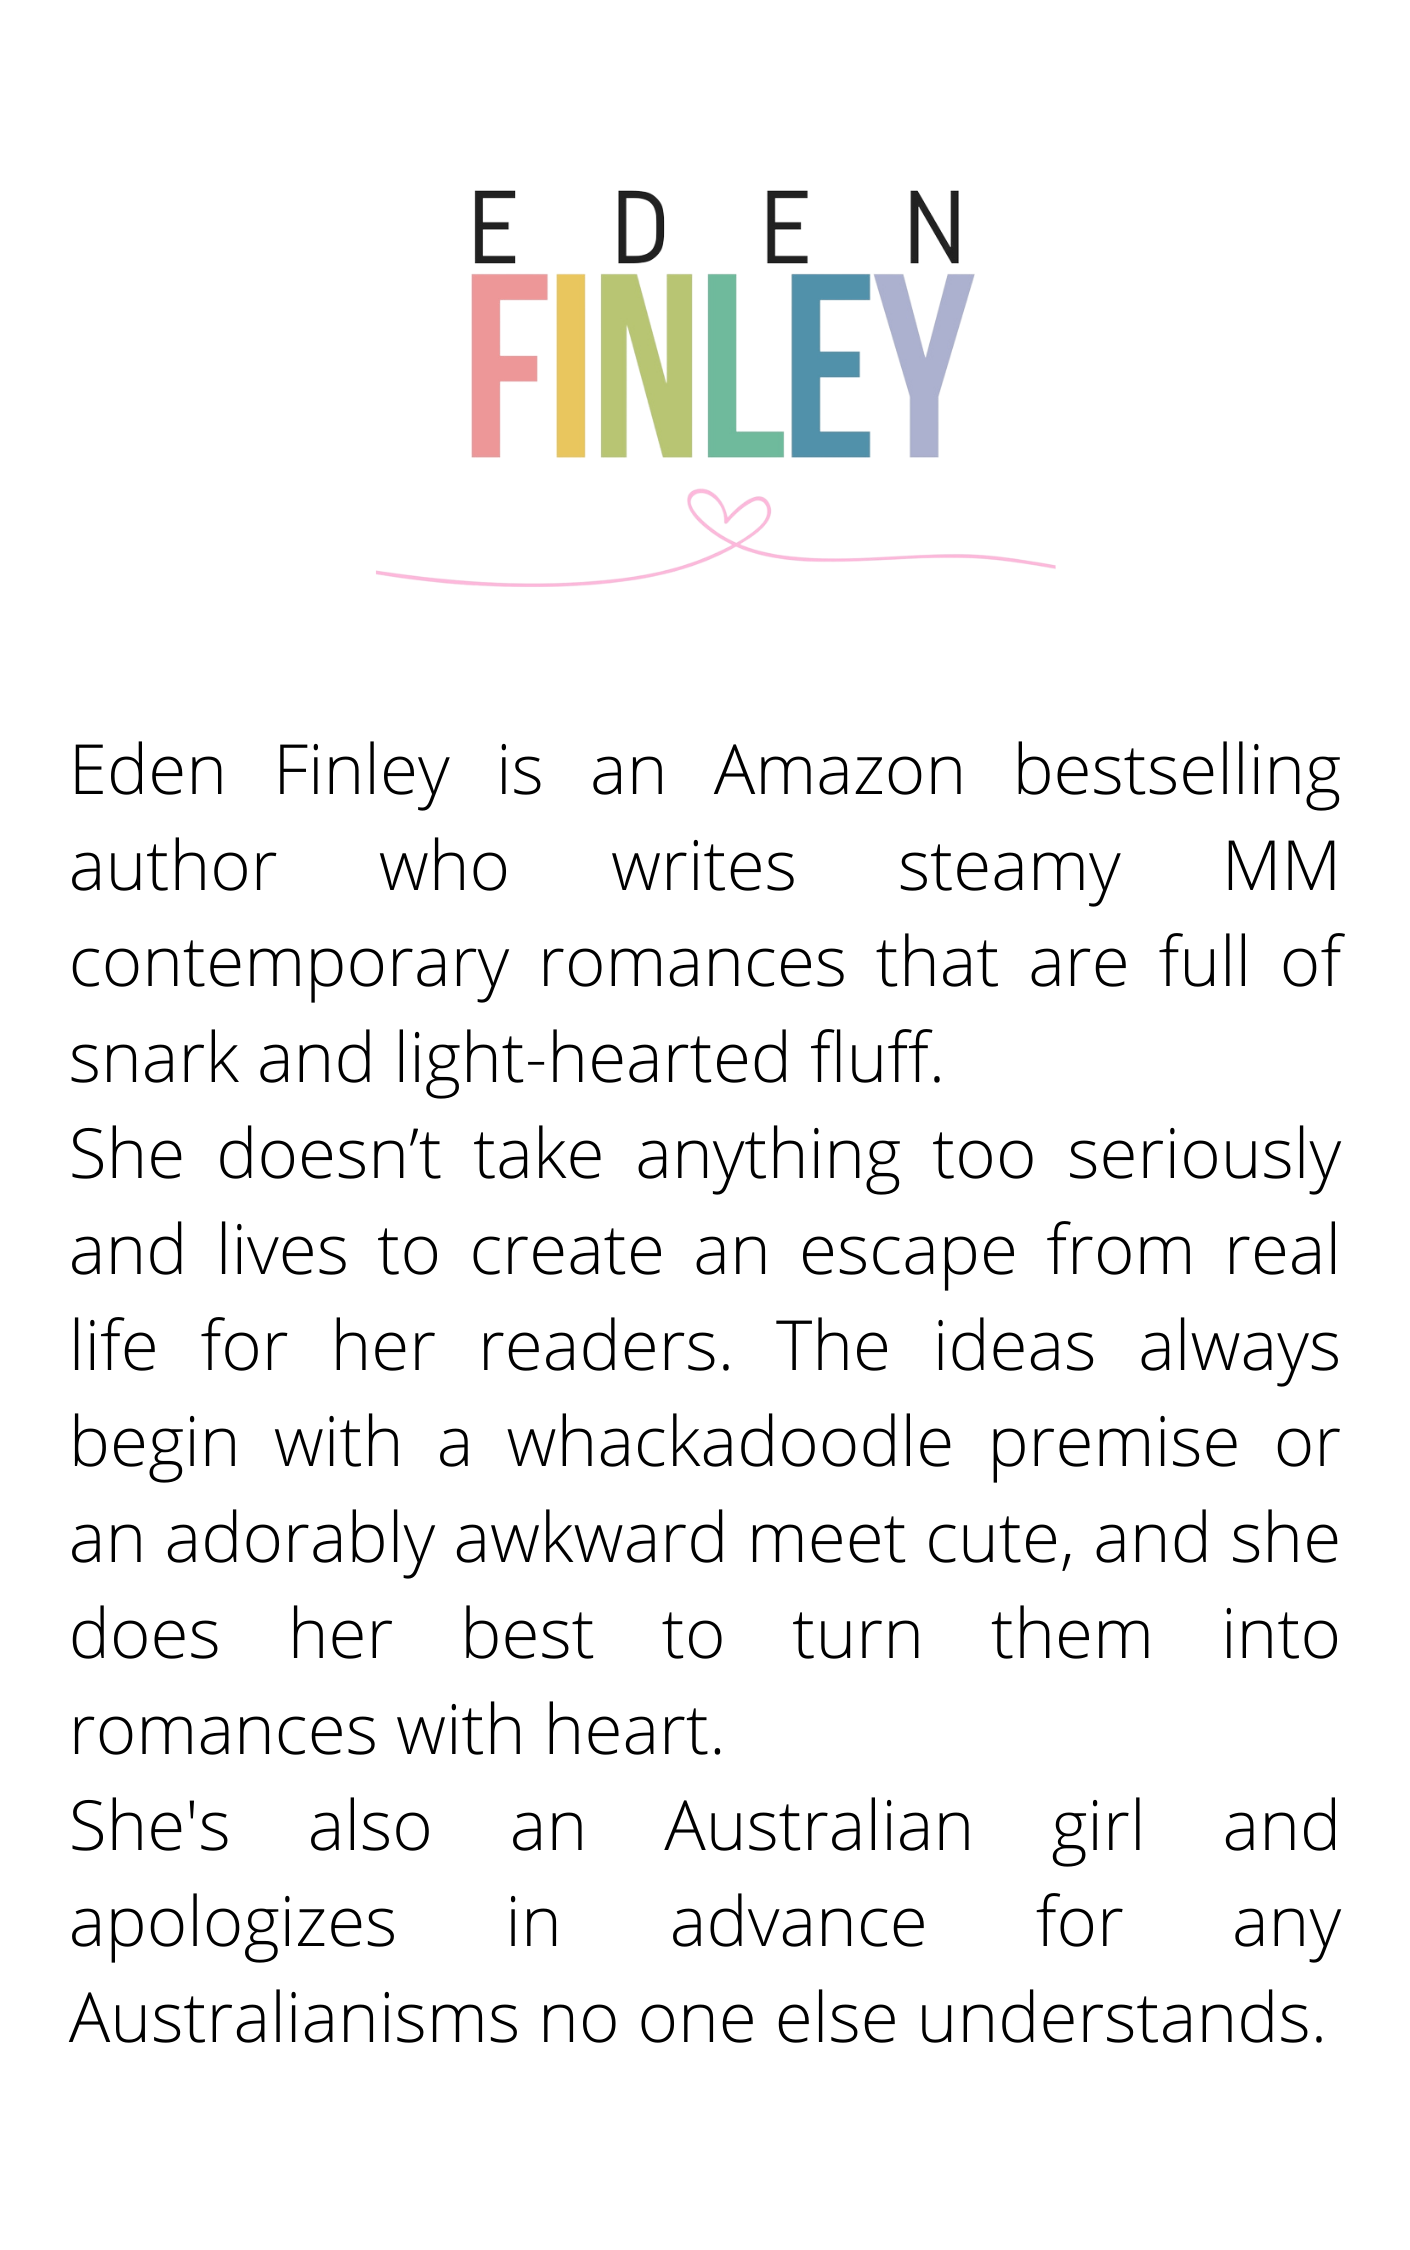 Copy of EDEN FINLEY